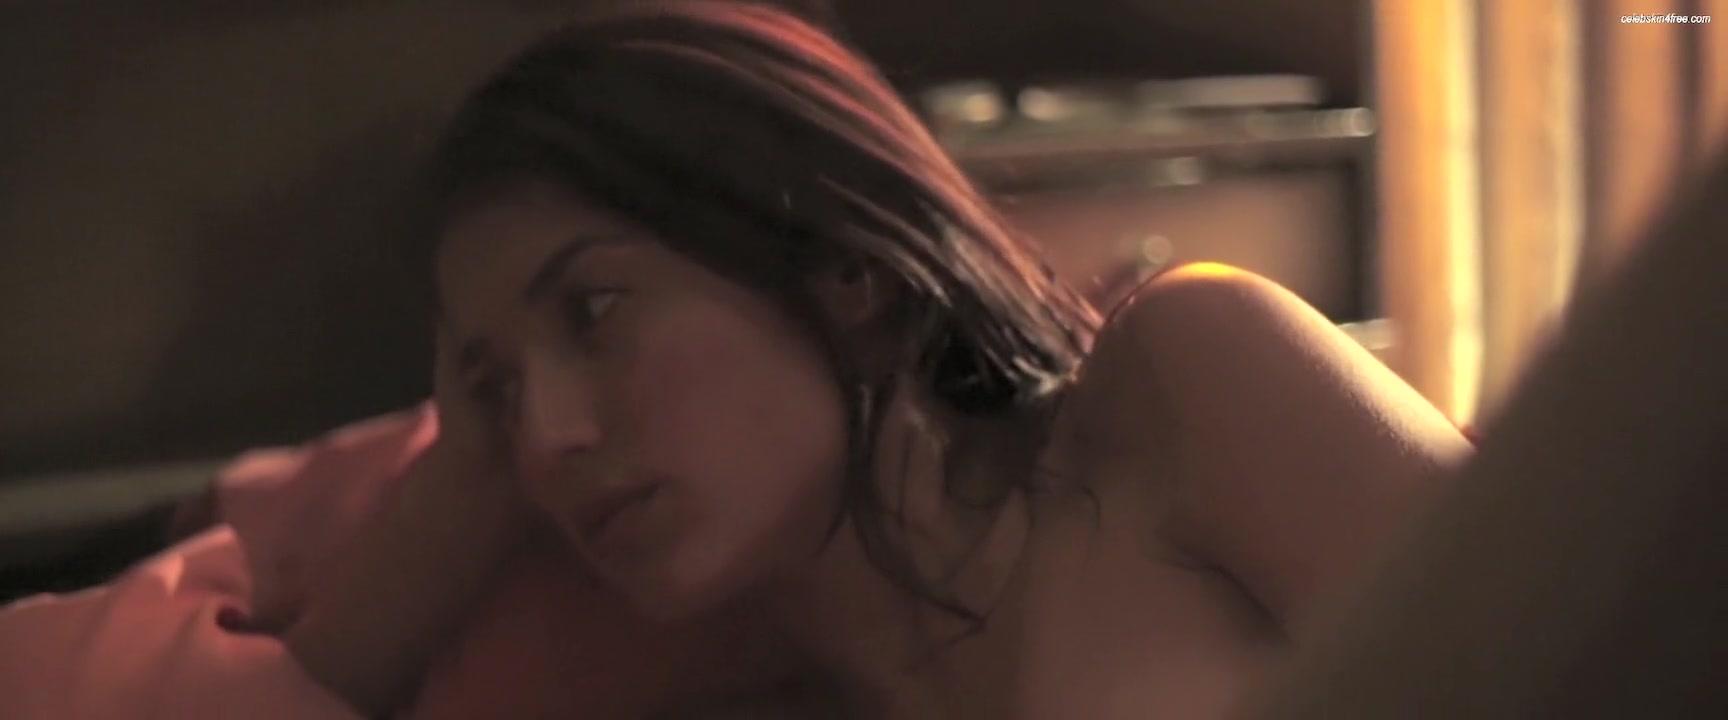 Porn clips Amature fetish porn